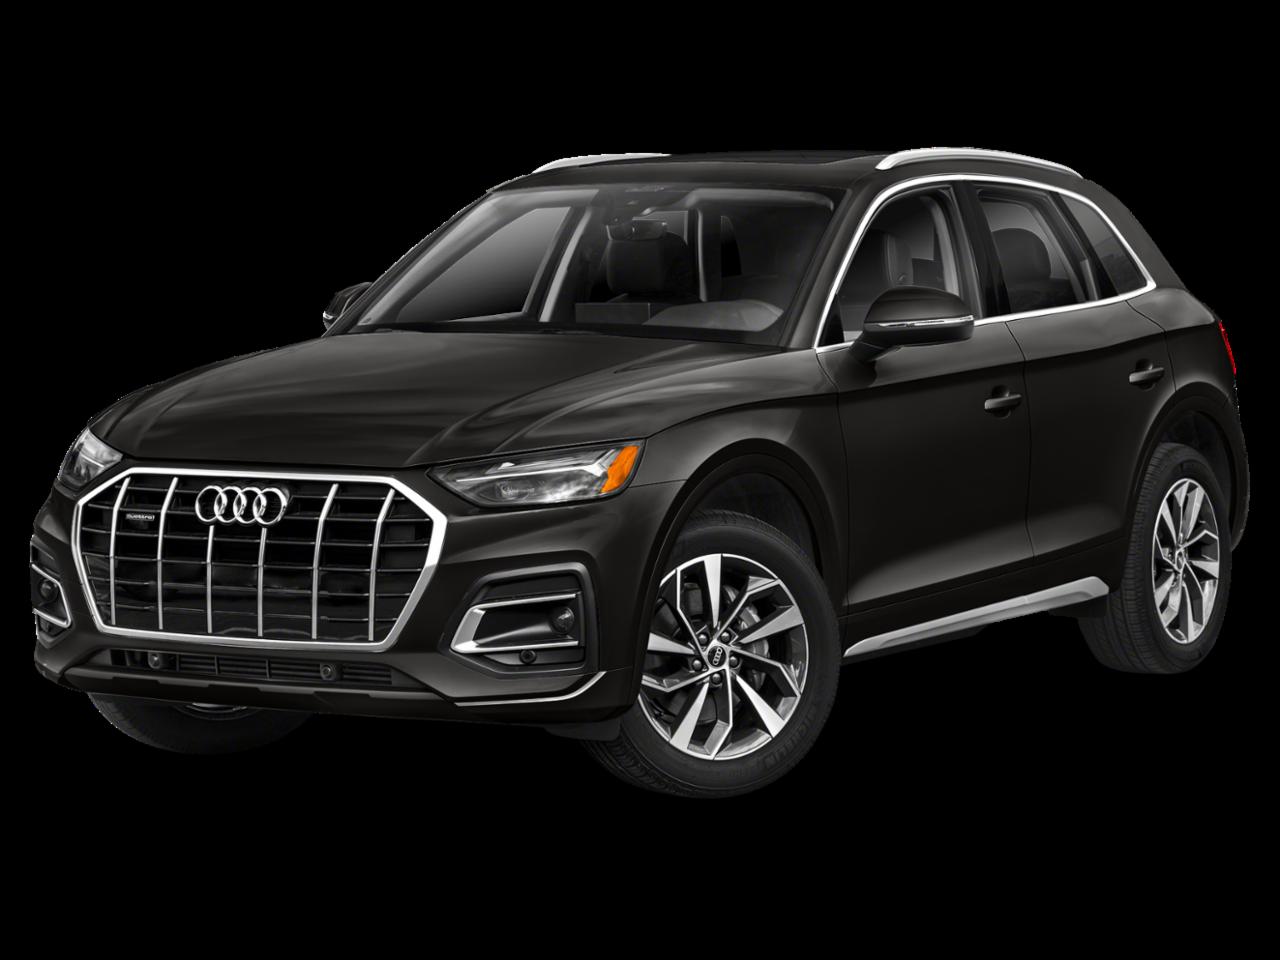 Audi 2021 Q5 Premium